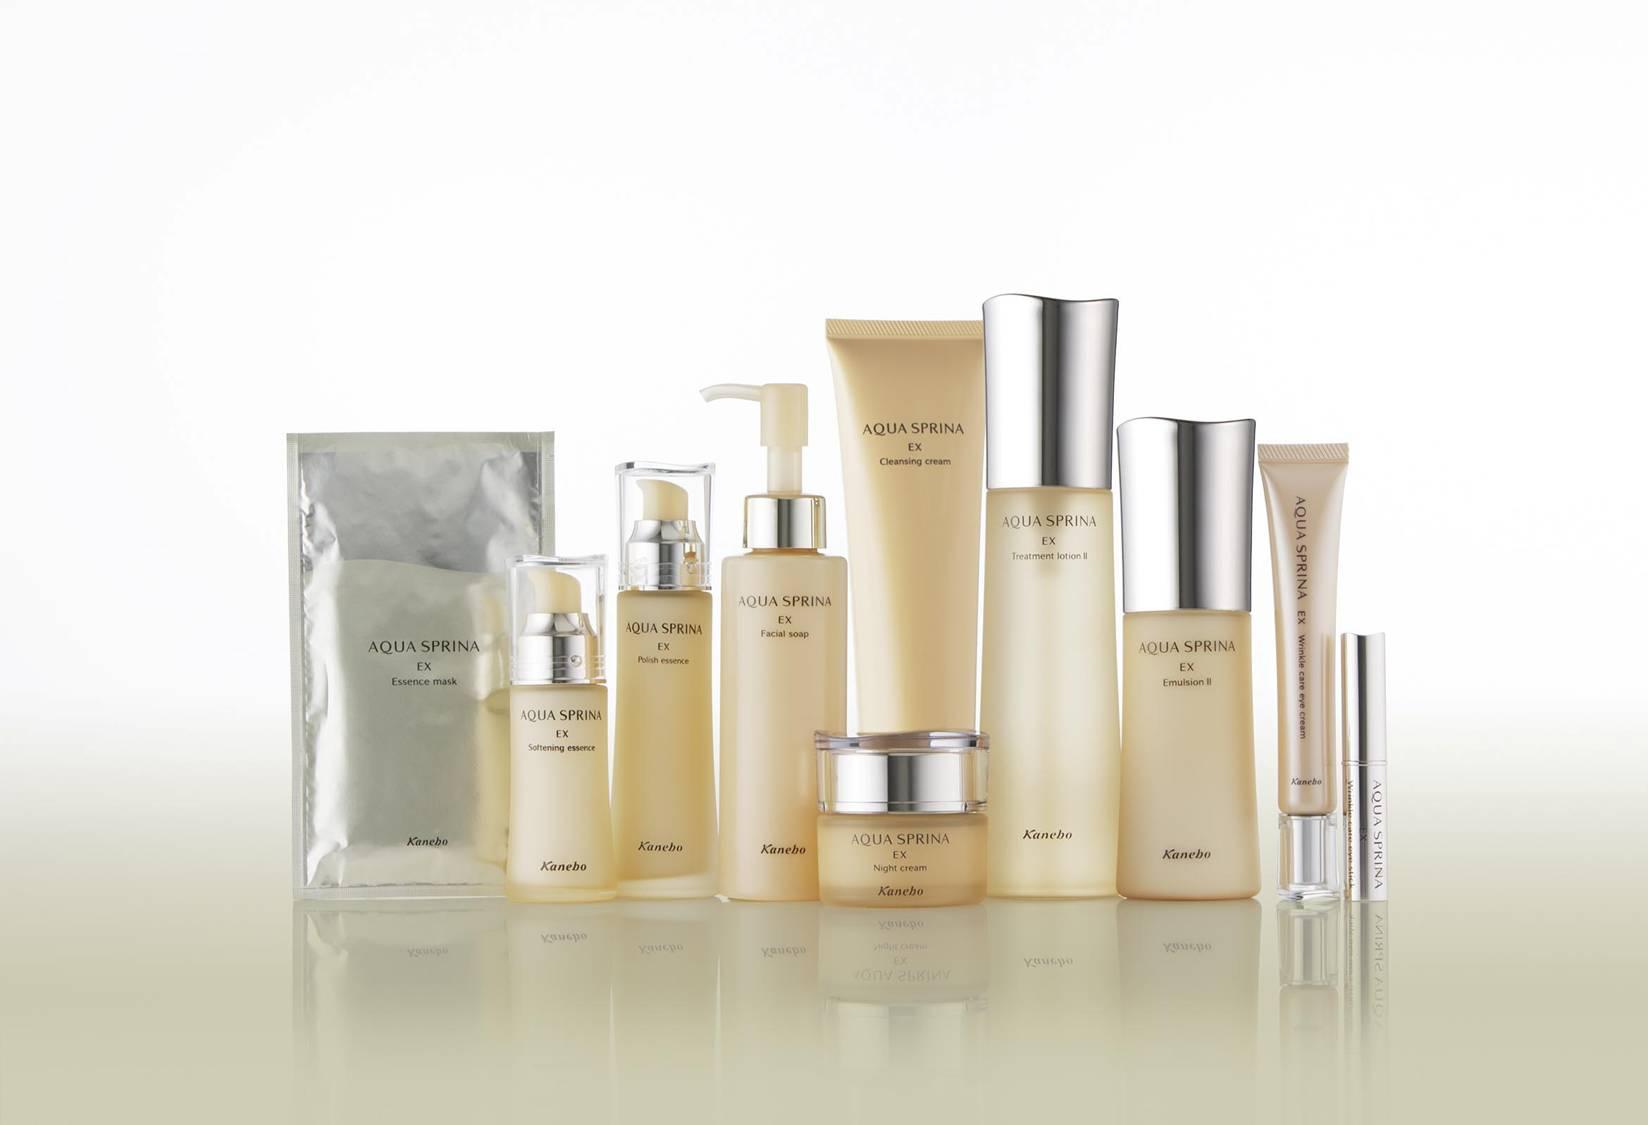 超平价产品,让保养效果加倍 - peter - 首席护肤狂人的美肤杂志